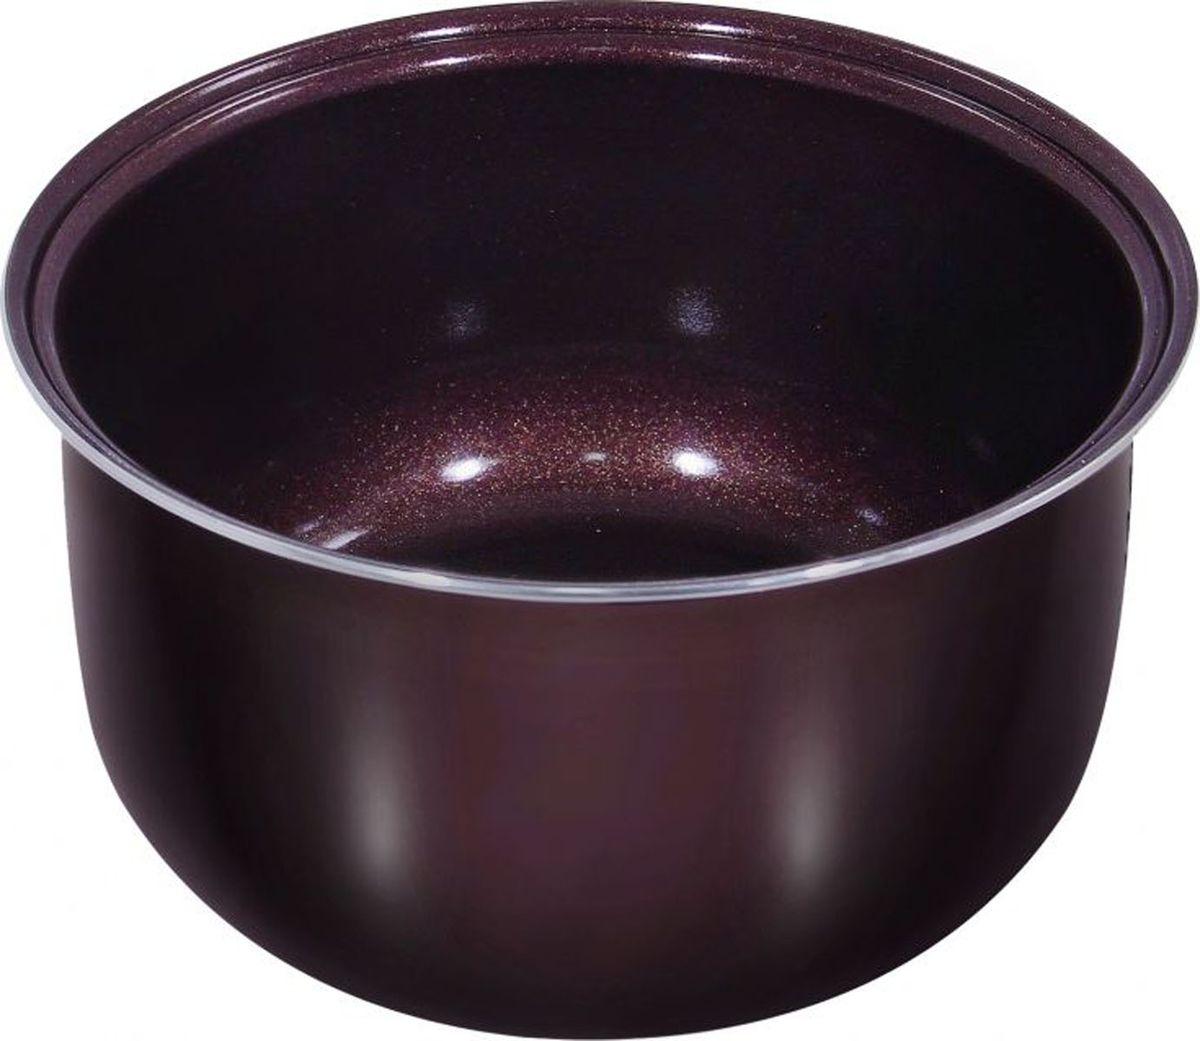 Marta MT-MC3123 Ceramic, Cherry чаша для мультиварки, 5 лMT-MC3123Marta MT-MC3123 Ceramic - чаша с толстыми стенками для использования во всех типах 5-литровых мультиварок, кроме мультиварок-скороварок.Двухслойное керамическое покрытие Greblon CK2 - немецкий стандарт качества в пищевой промышленности. По некоторым своим характеристикам превосходит корейские и прочие аналоги в несколько раз.Данное покрытие по некоторым характеристикам превосходит корейские и прочие аналоги в несколько раз. Оно имеет антибактериальные свойства, не окисляется, не выделяет вредные примеси, сохраняет истинный вкус и полезные свойства продуктов, тем самым, заботясь о качестве пищи и здоровье людей.